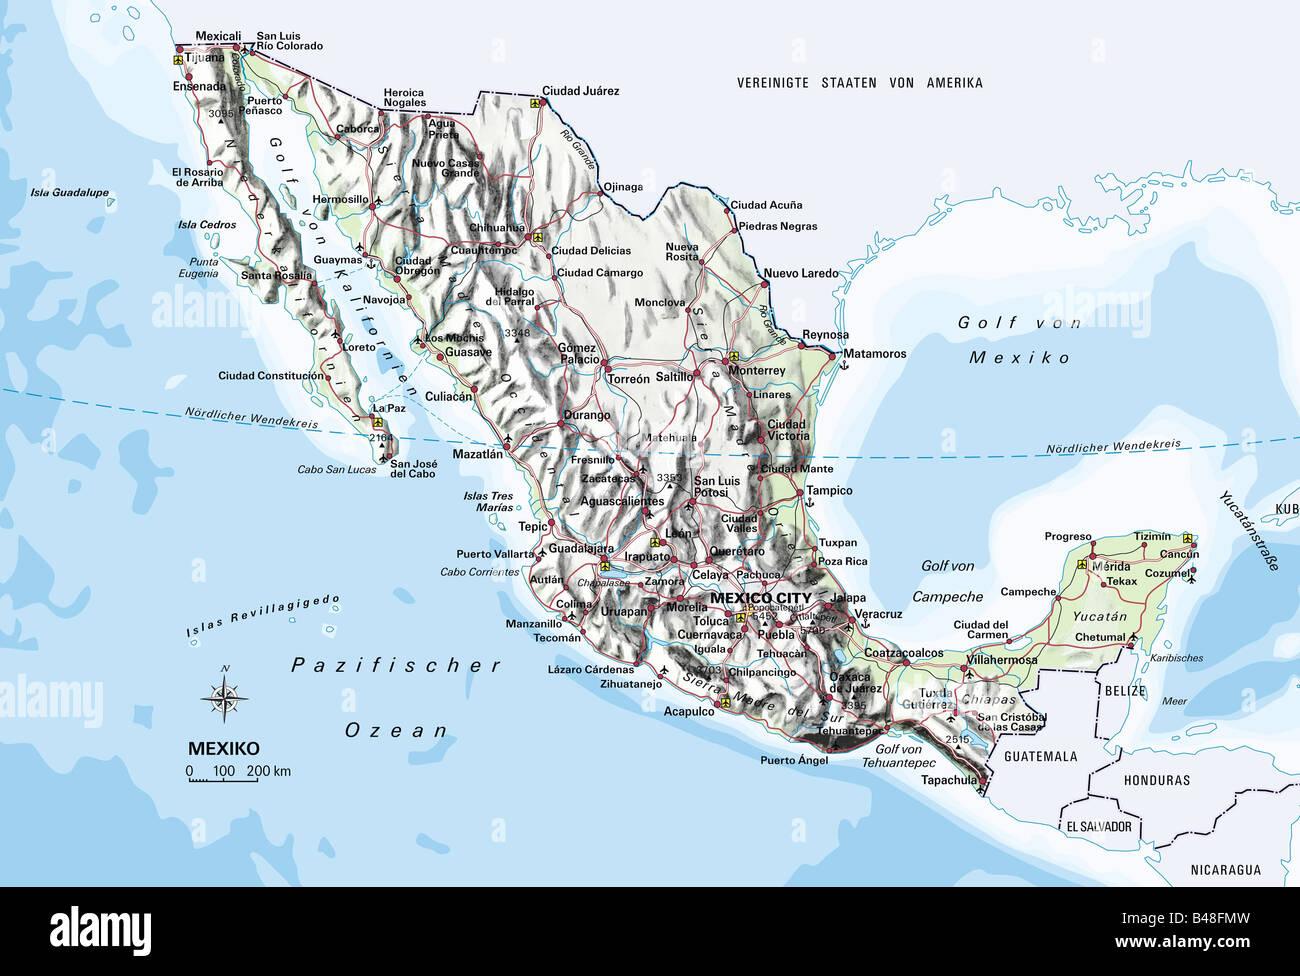 cartography maps america mexico circa 2000 central america atlantic ocean pacific gulf of mexico mexico city rio grand